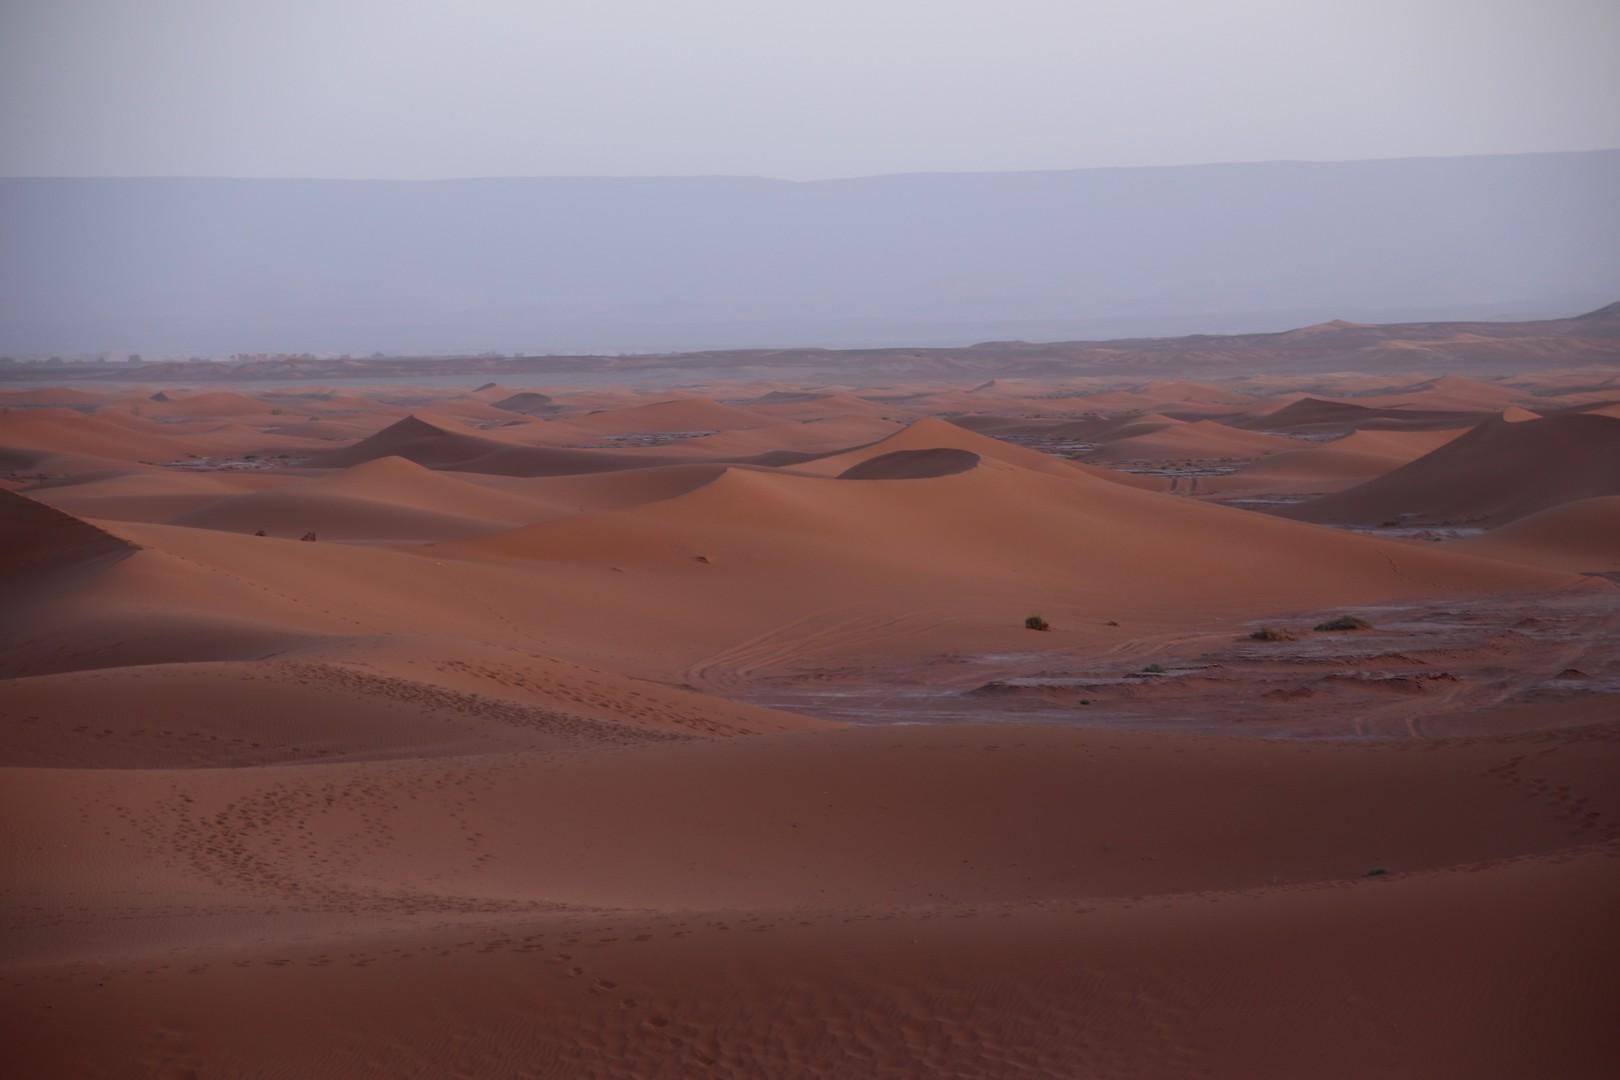 Maroc - Lever de soleil dans les dunes de Chegaga